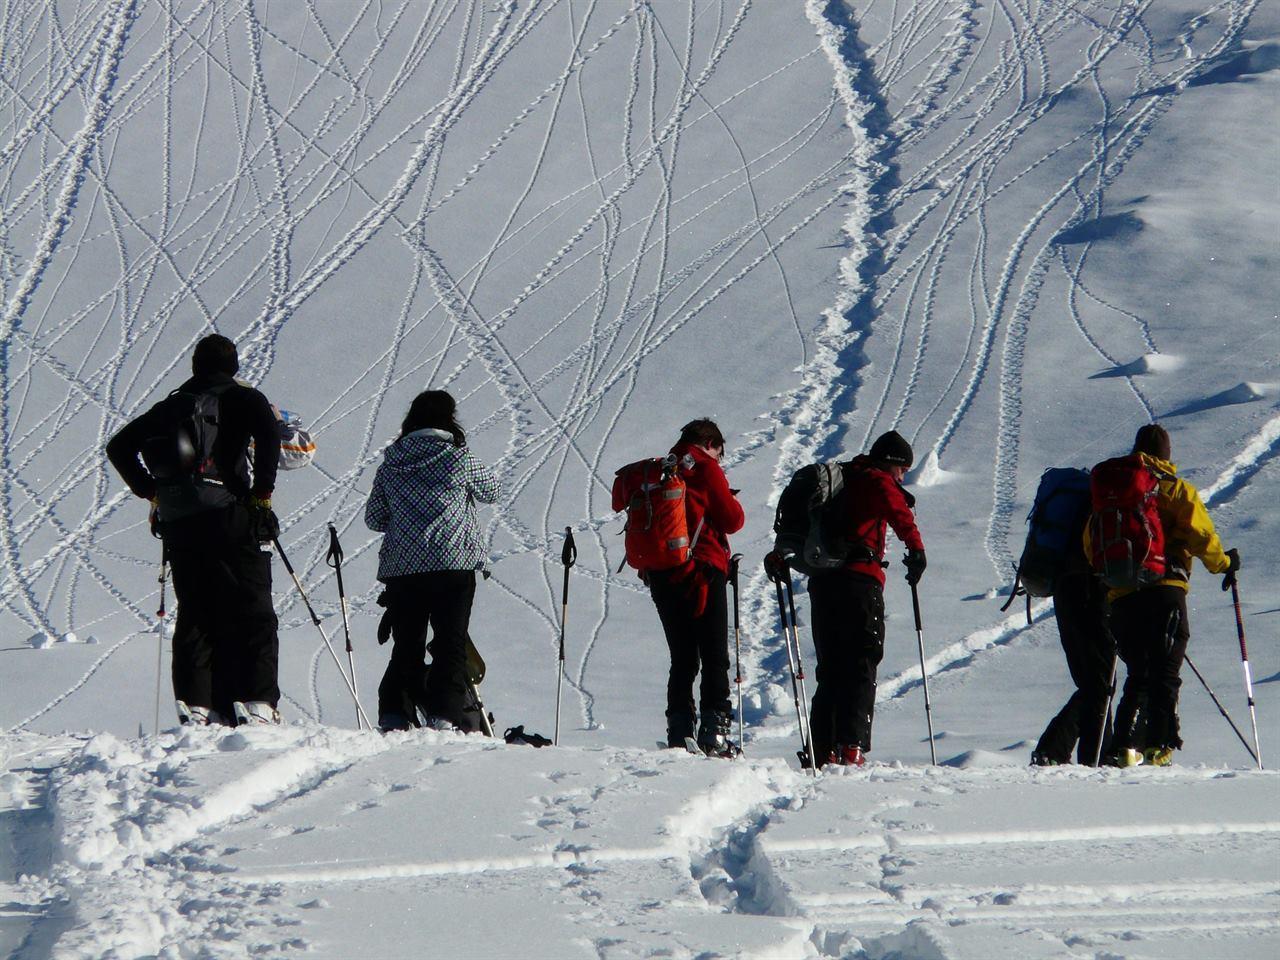 Тургруппа перед подъемом в горы зимой